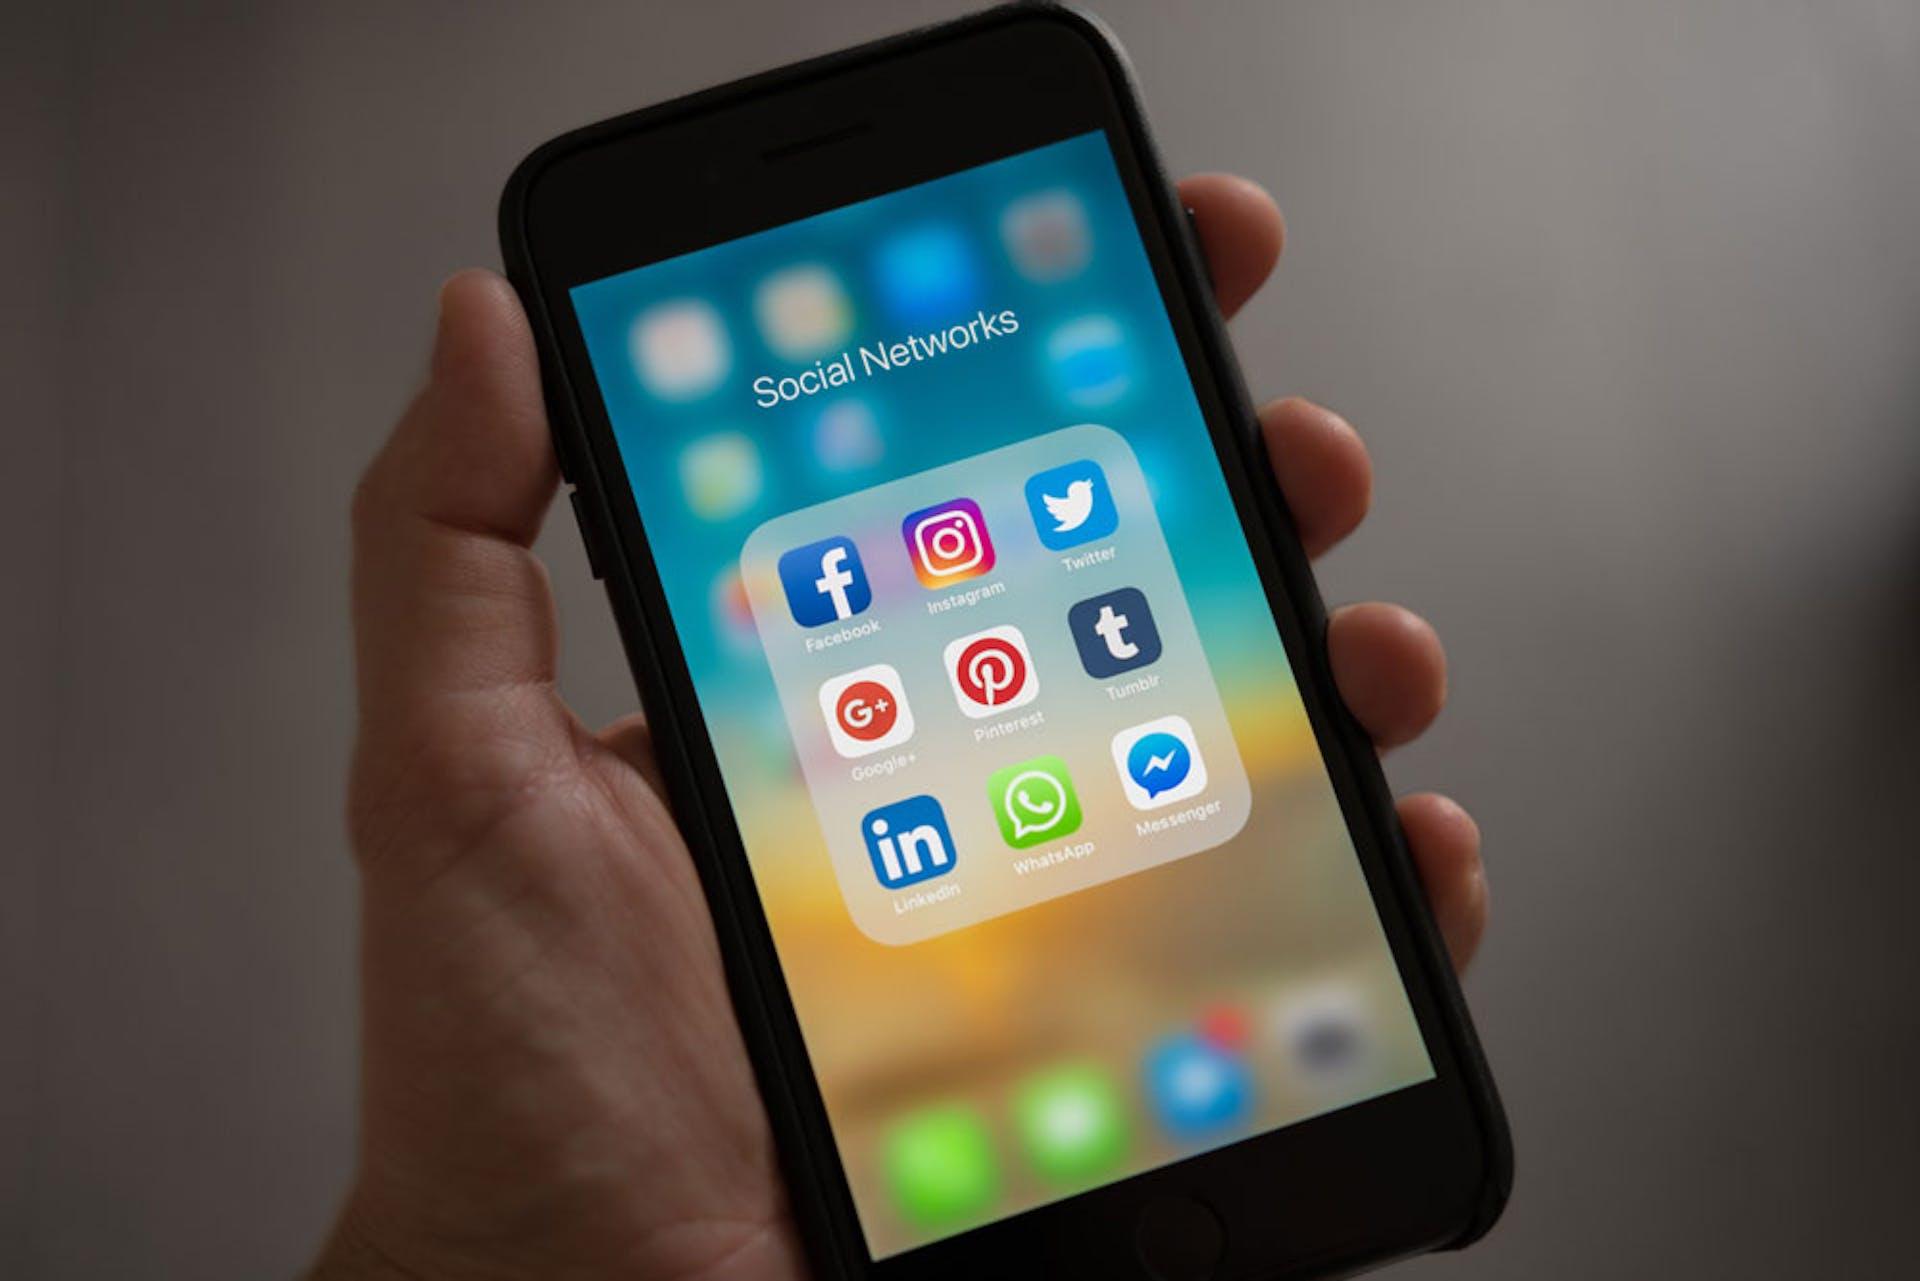 Descubre qué es Tumblr y aplica las ventajas de Twitter, Facebook y Pinterest en un solo sitio